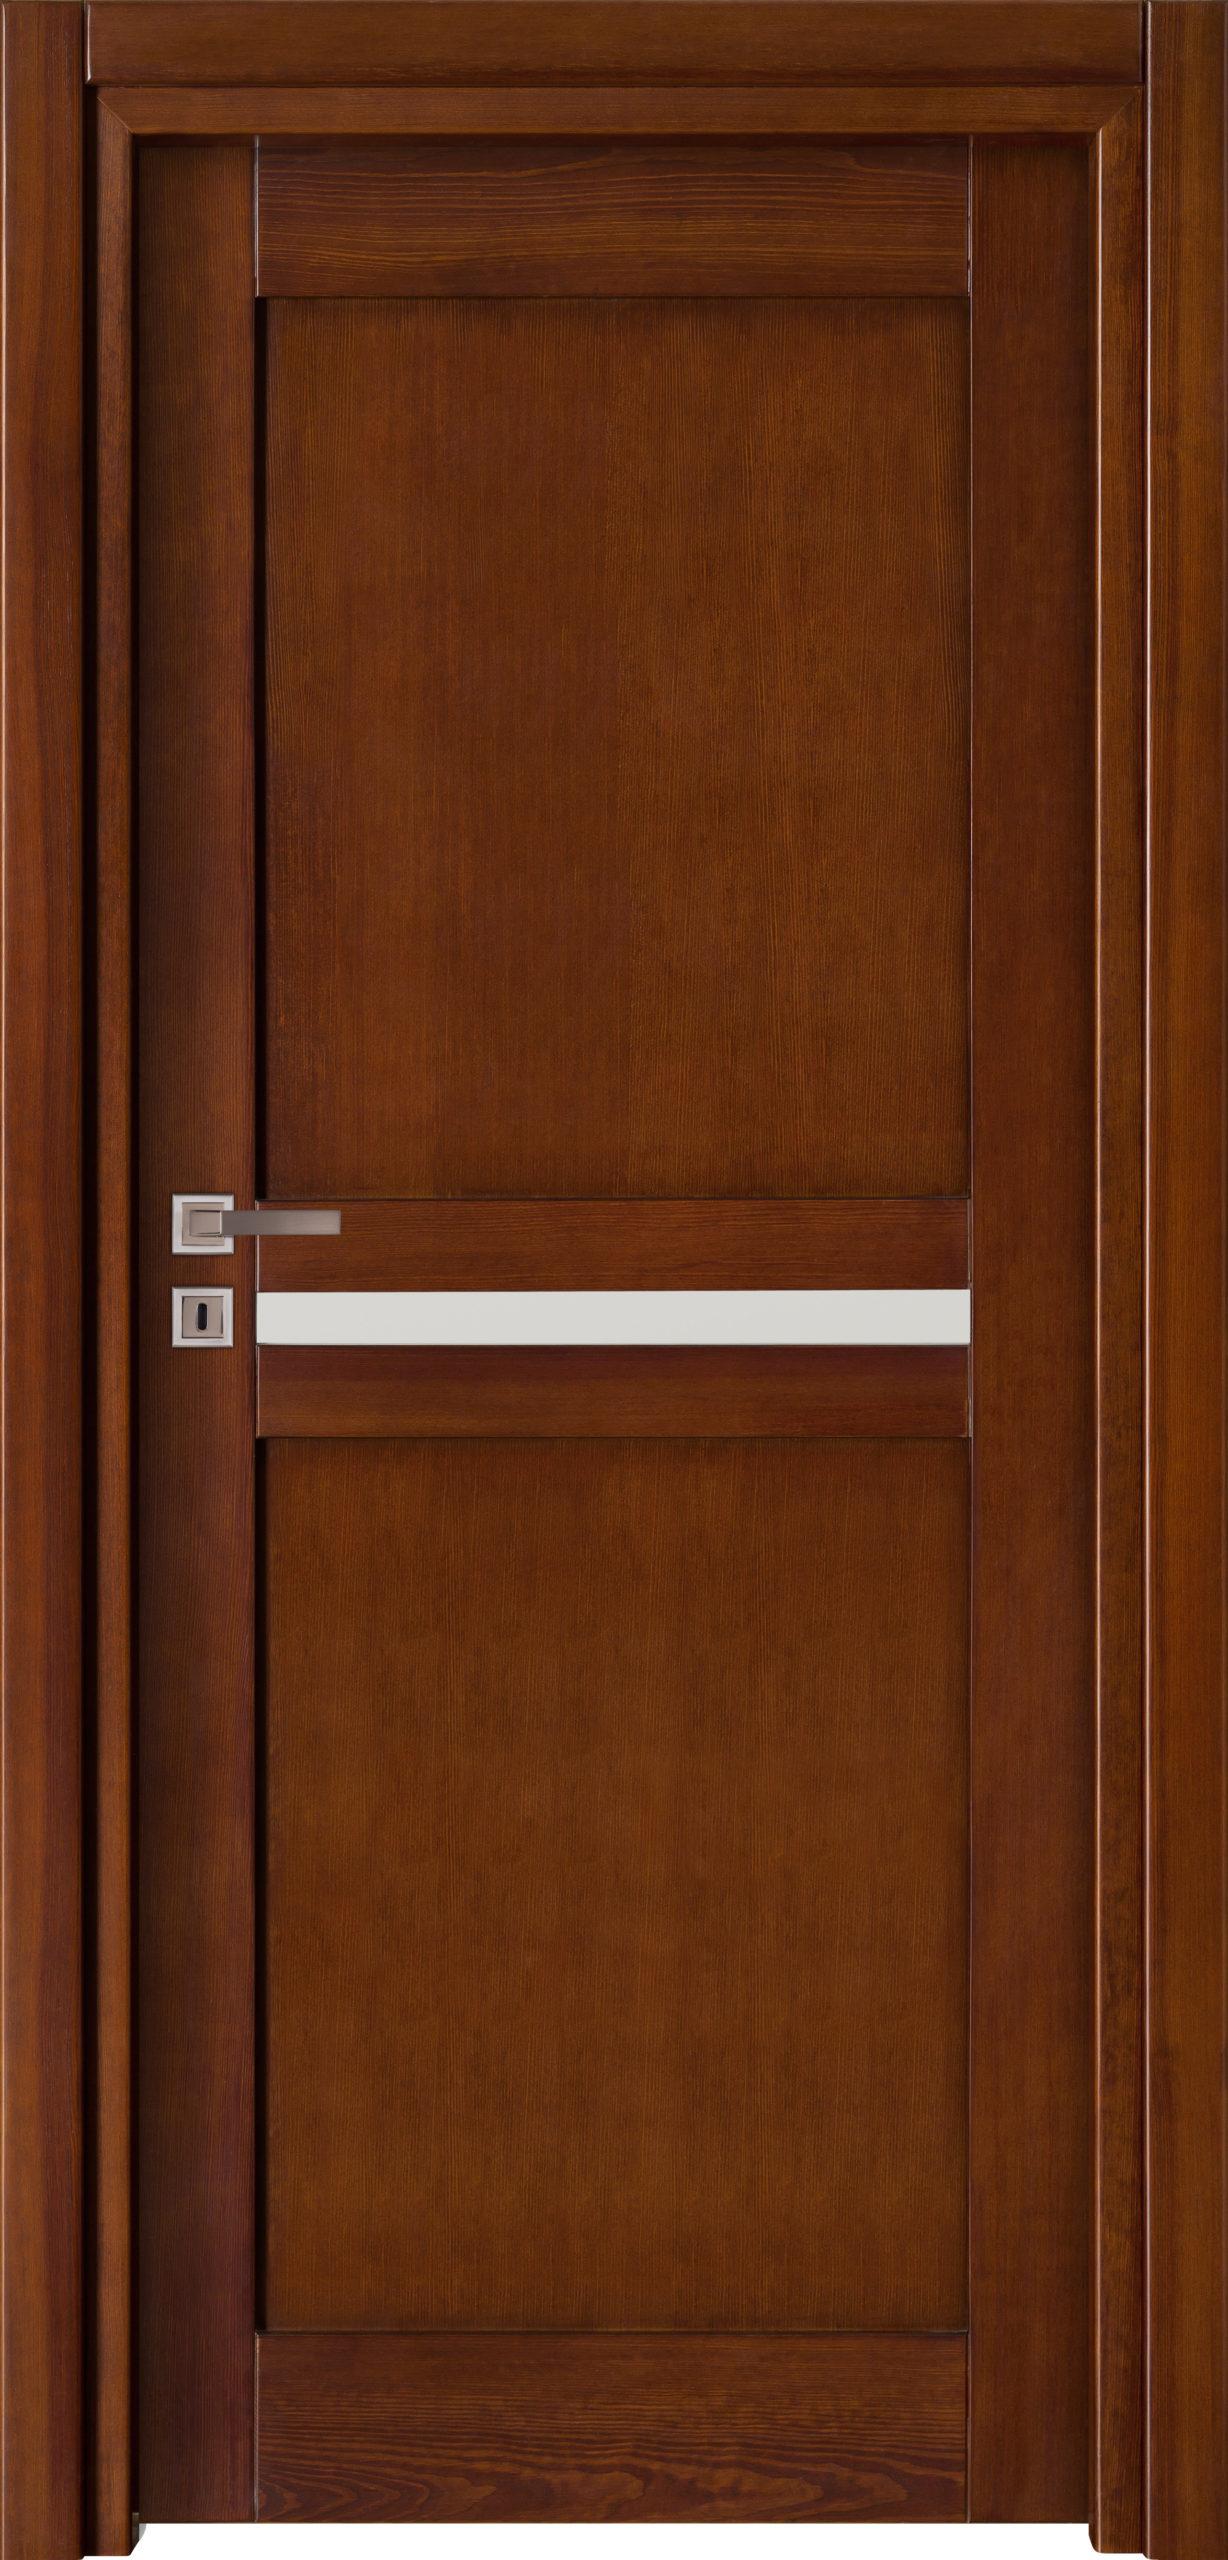 Tanger A3 - jesion - ciemny calvados - szklenie lacomat bezpieczny - ościeżnica przylgowa regulowana drewniana prosta (IIa)